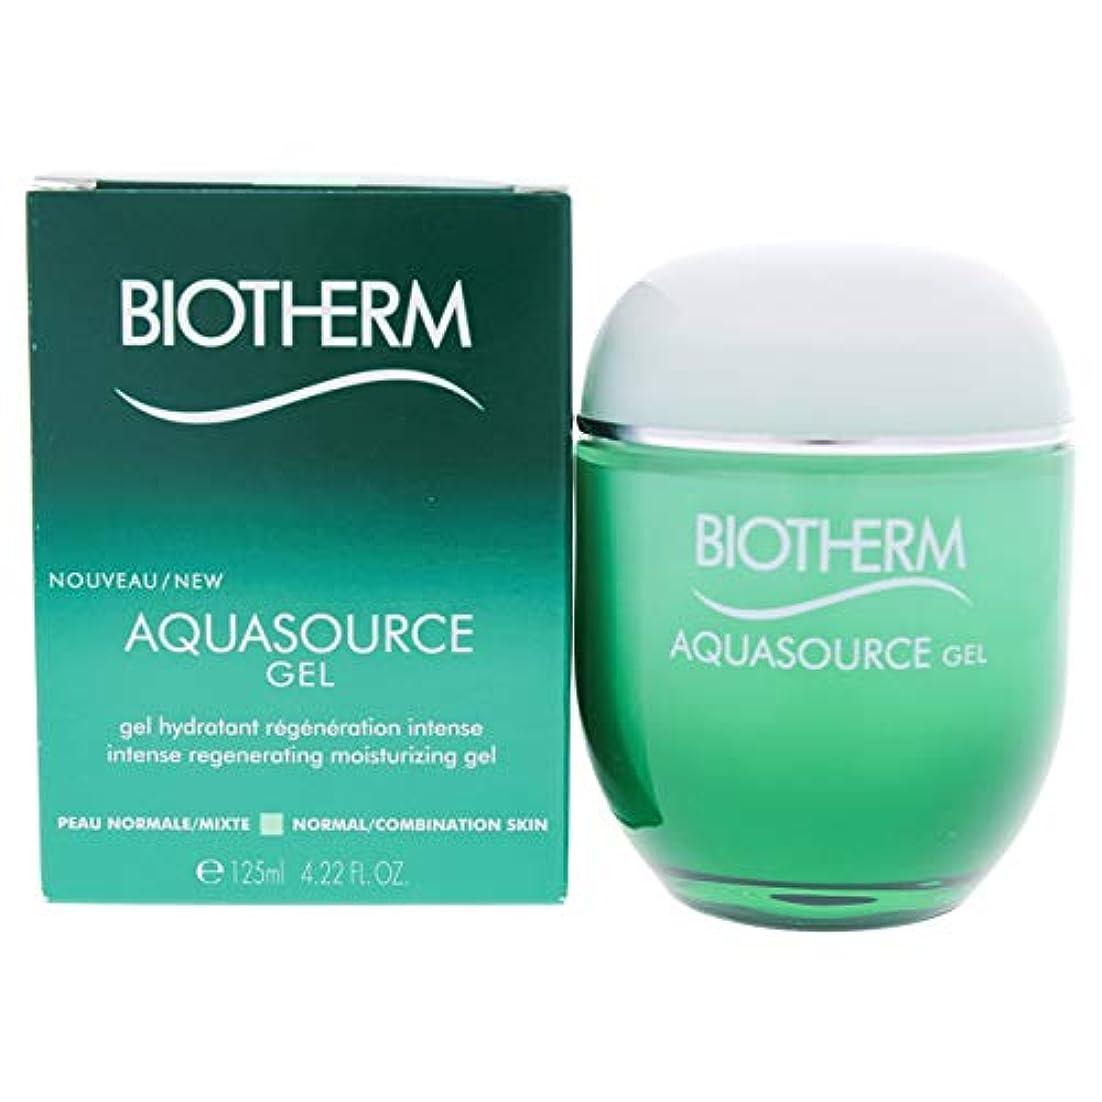 ビオテルム Aquasource Gel Intense Regenerating Moisturizing Gel - For Normal/Combination Skin 125ml/4.22oz並行輸入品